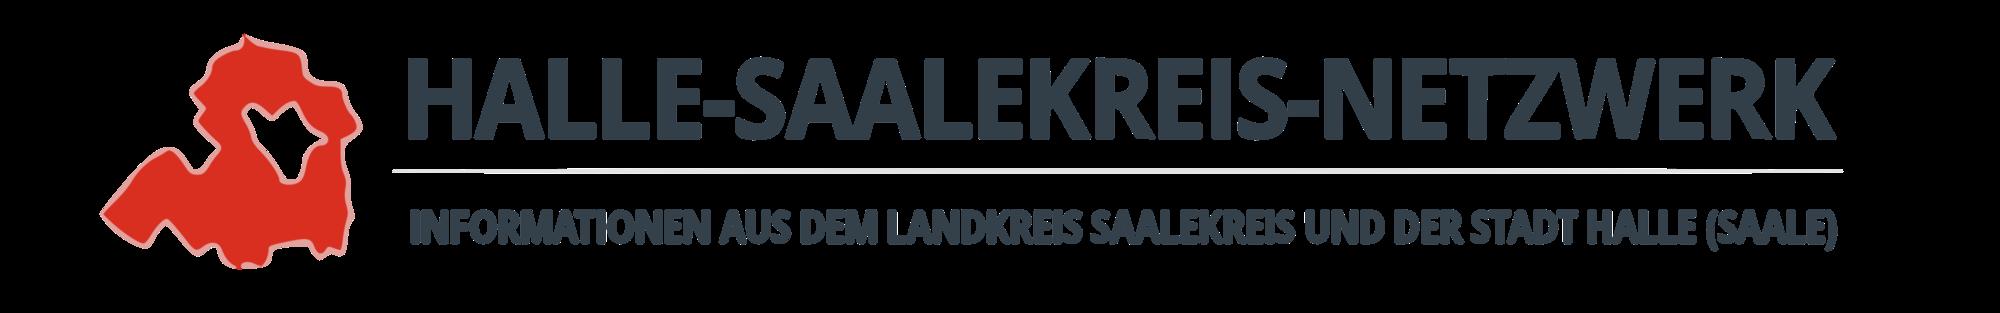 DER Bürgerreporter für Halle (Saale) und den Saalekreis mit Baustellenkalender, regionalen Beiträgen und E-Book